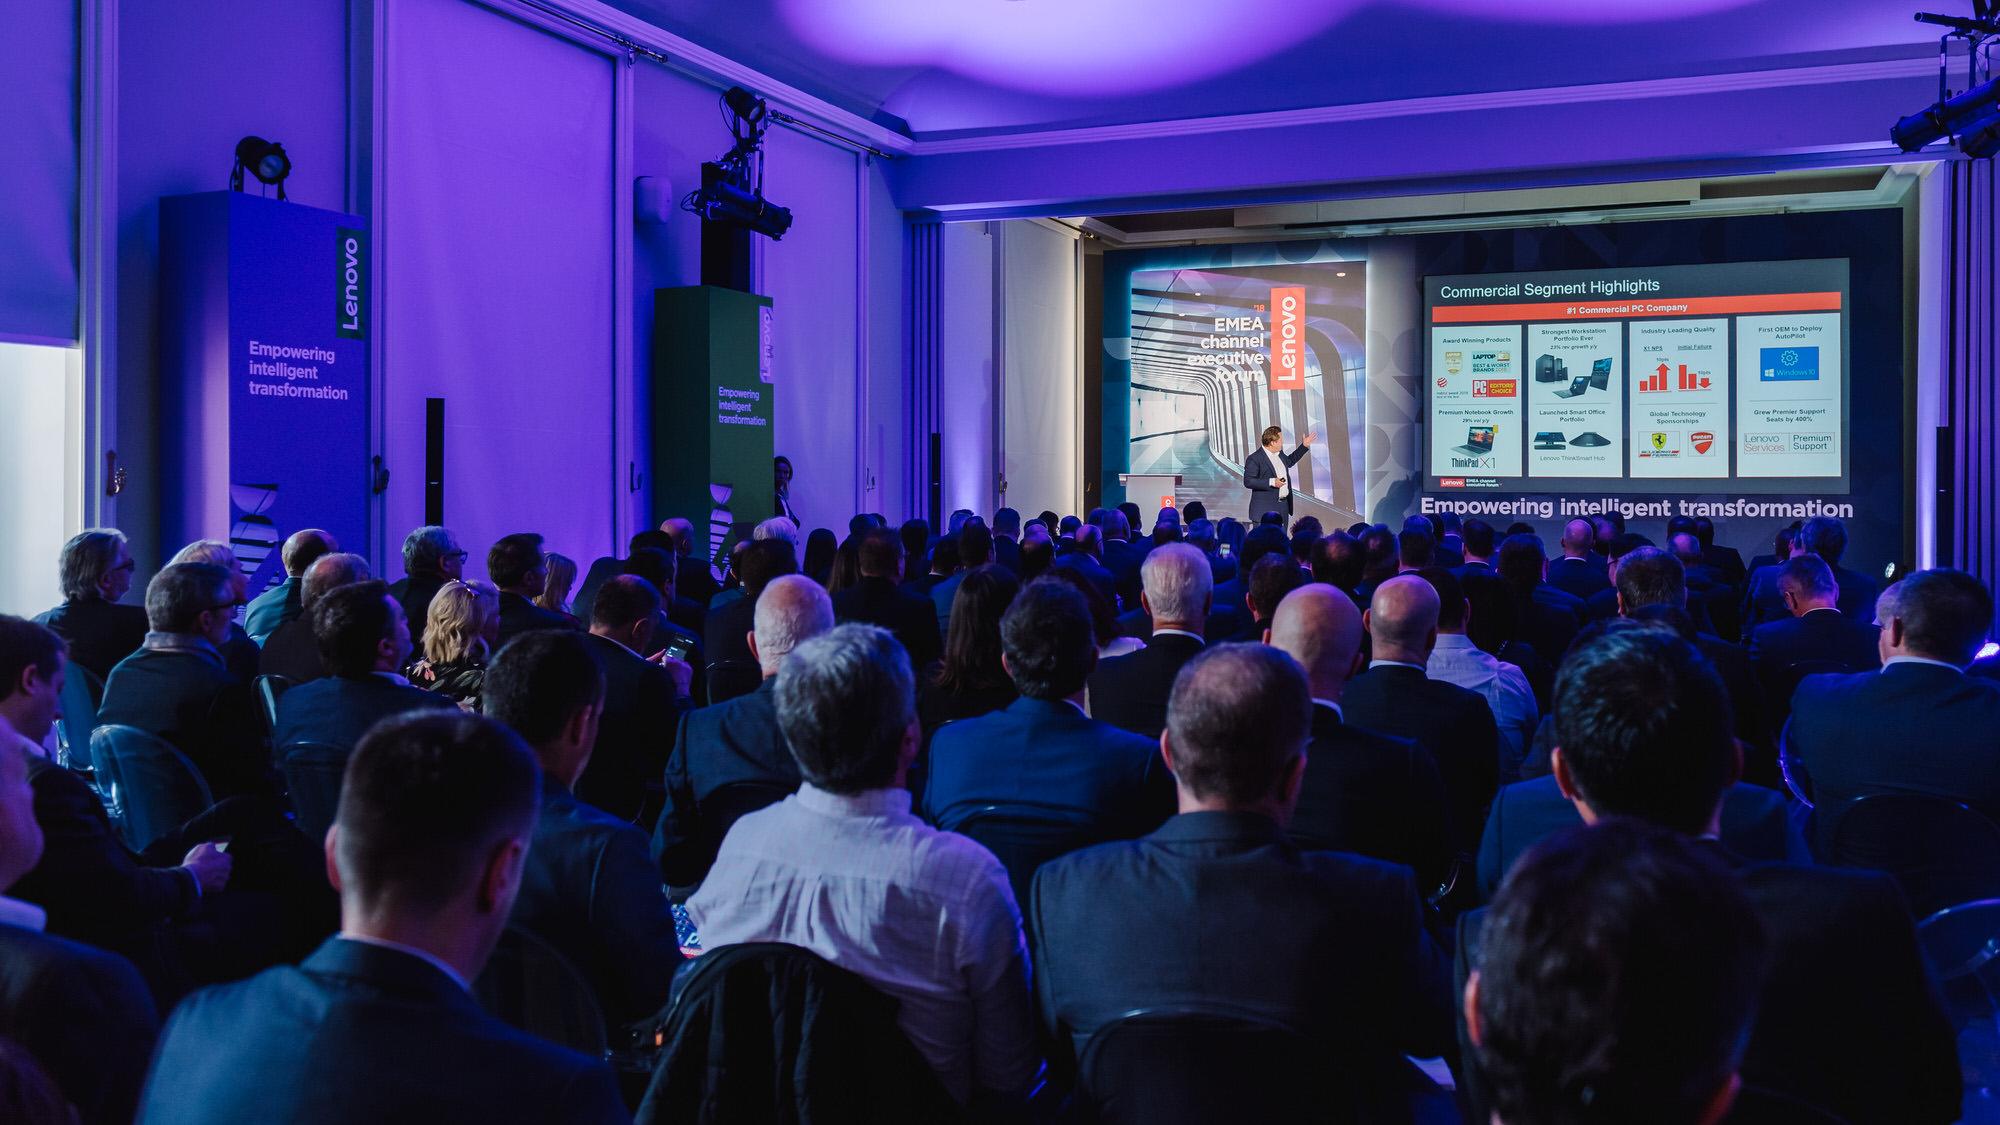 emea-channel-executive-forum-gruppo-peroni-eventi-09